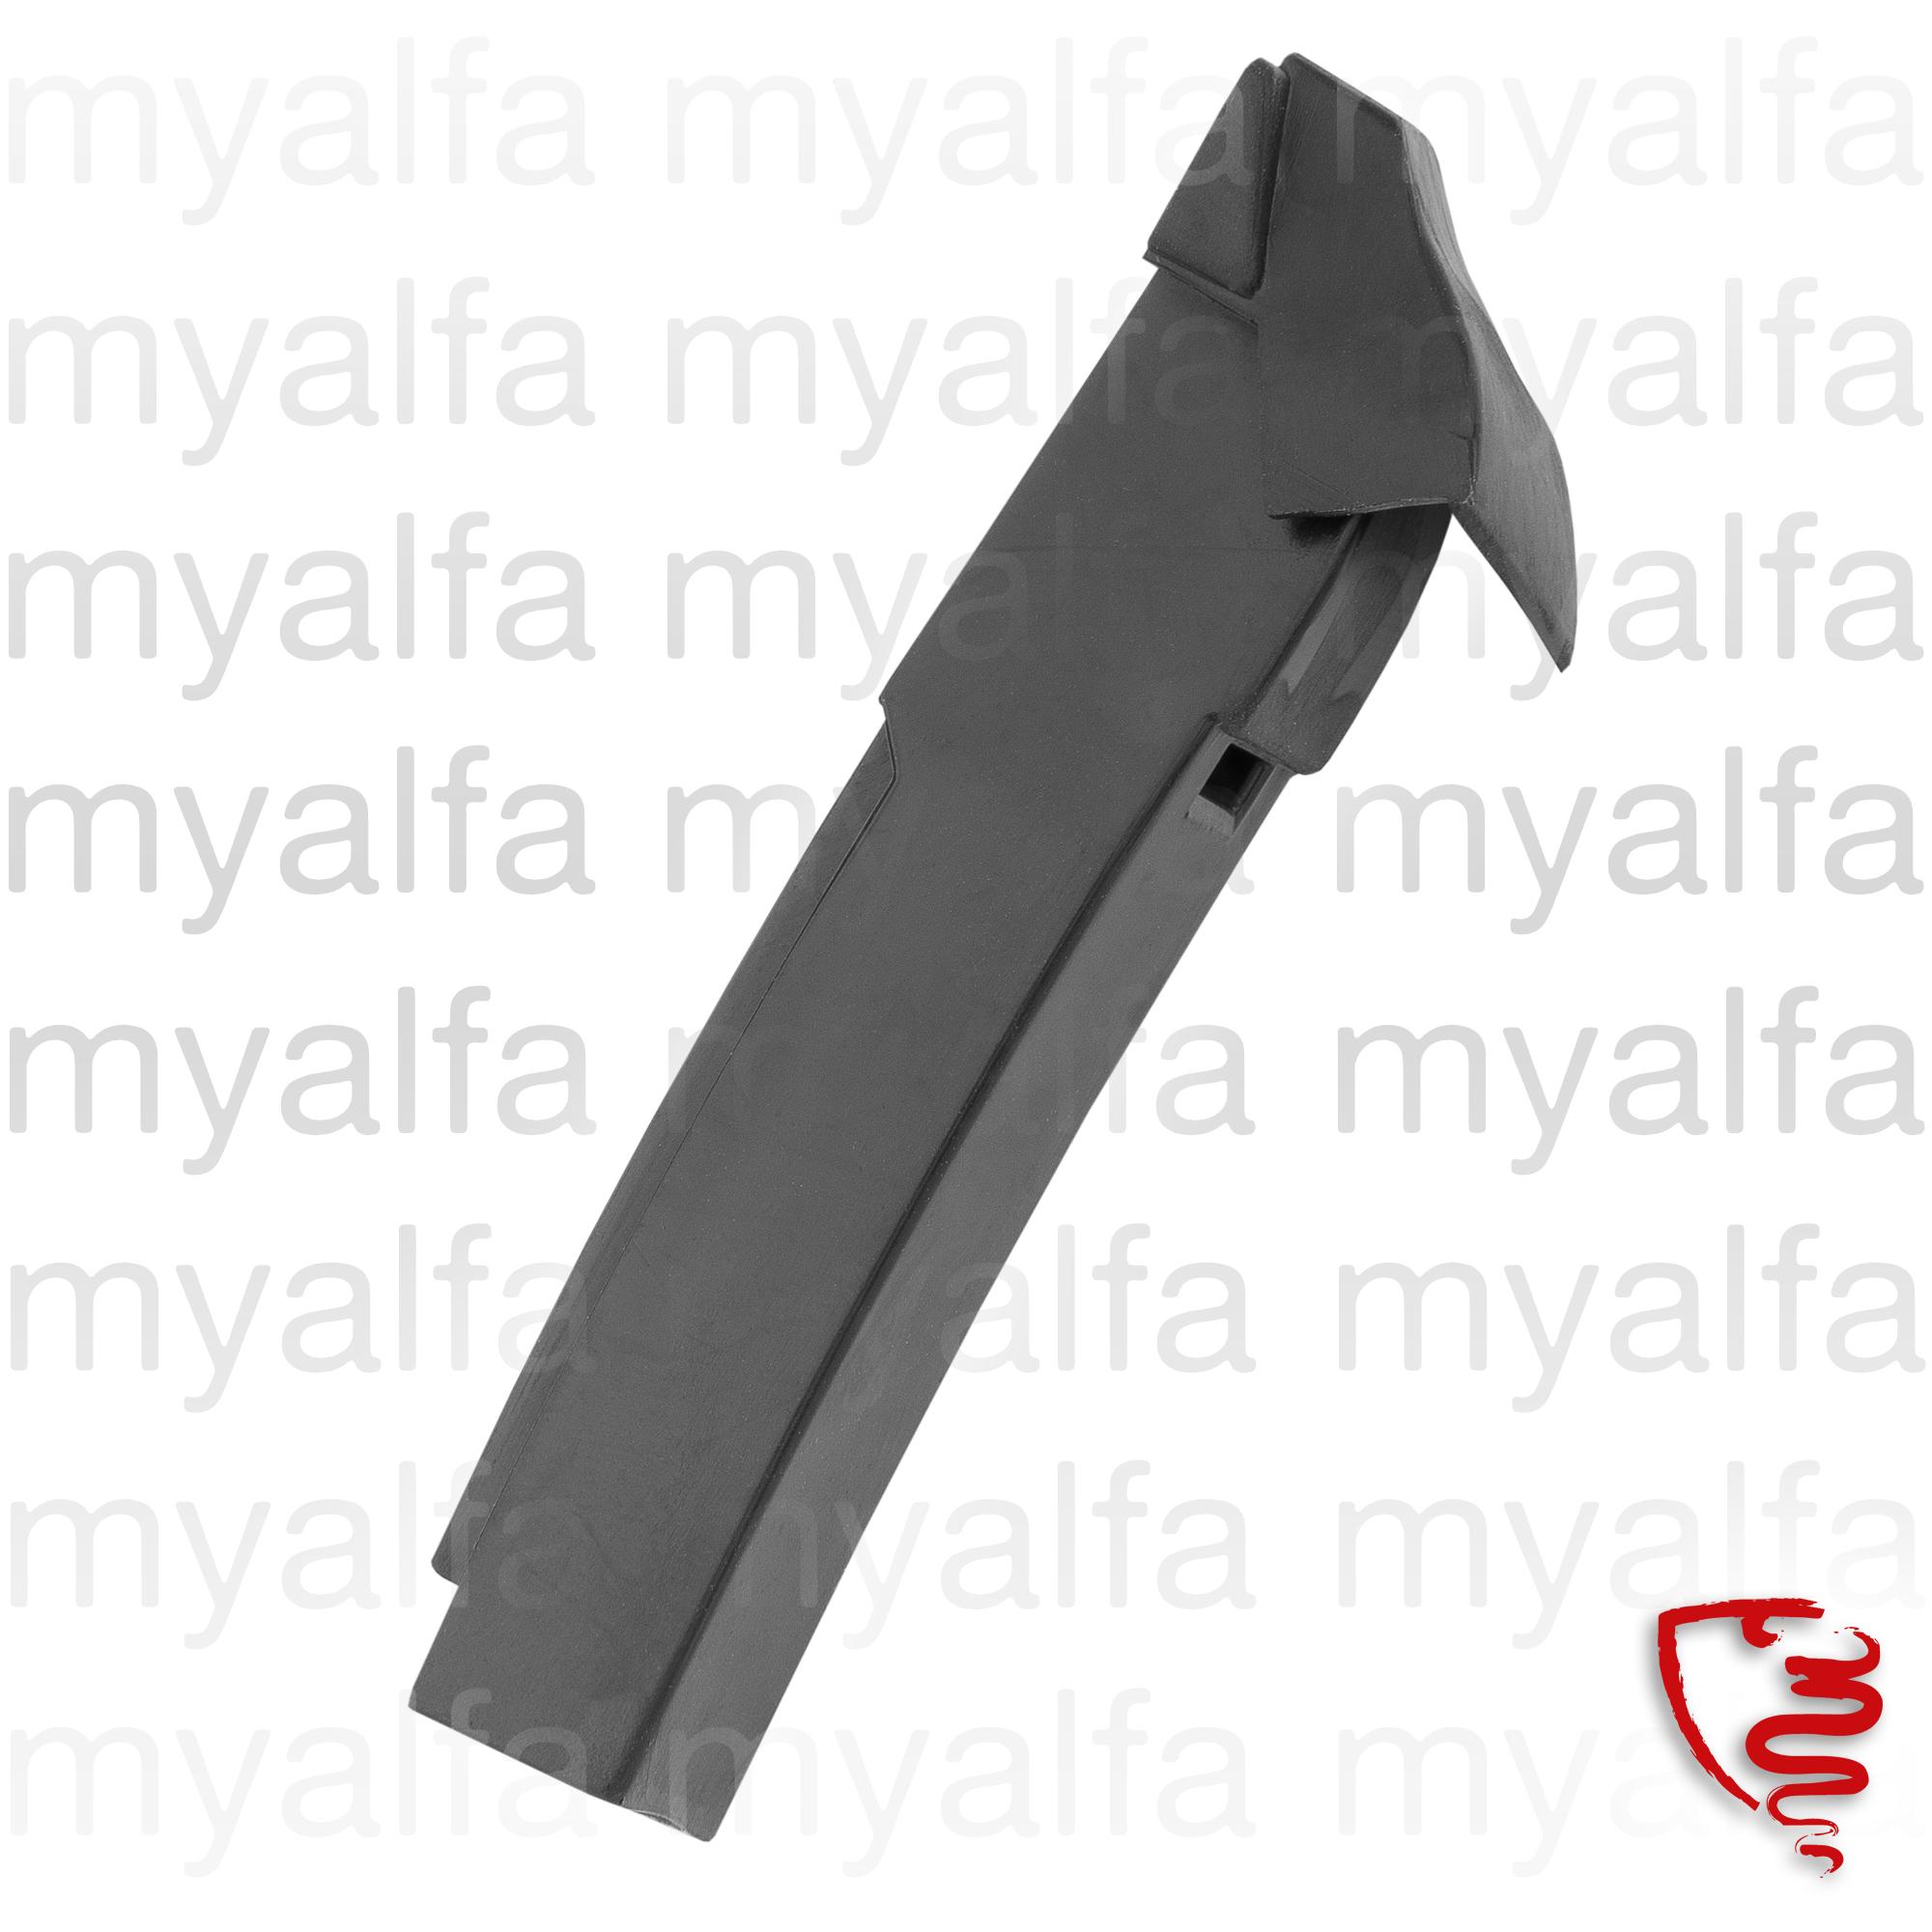 glass trough sealing door GT - disc. for 105/115, Coupe, Body parts, Rubber parts, Door grommets/felt/seals